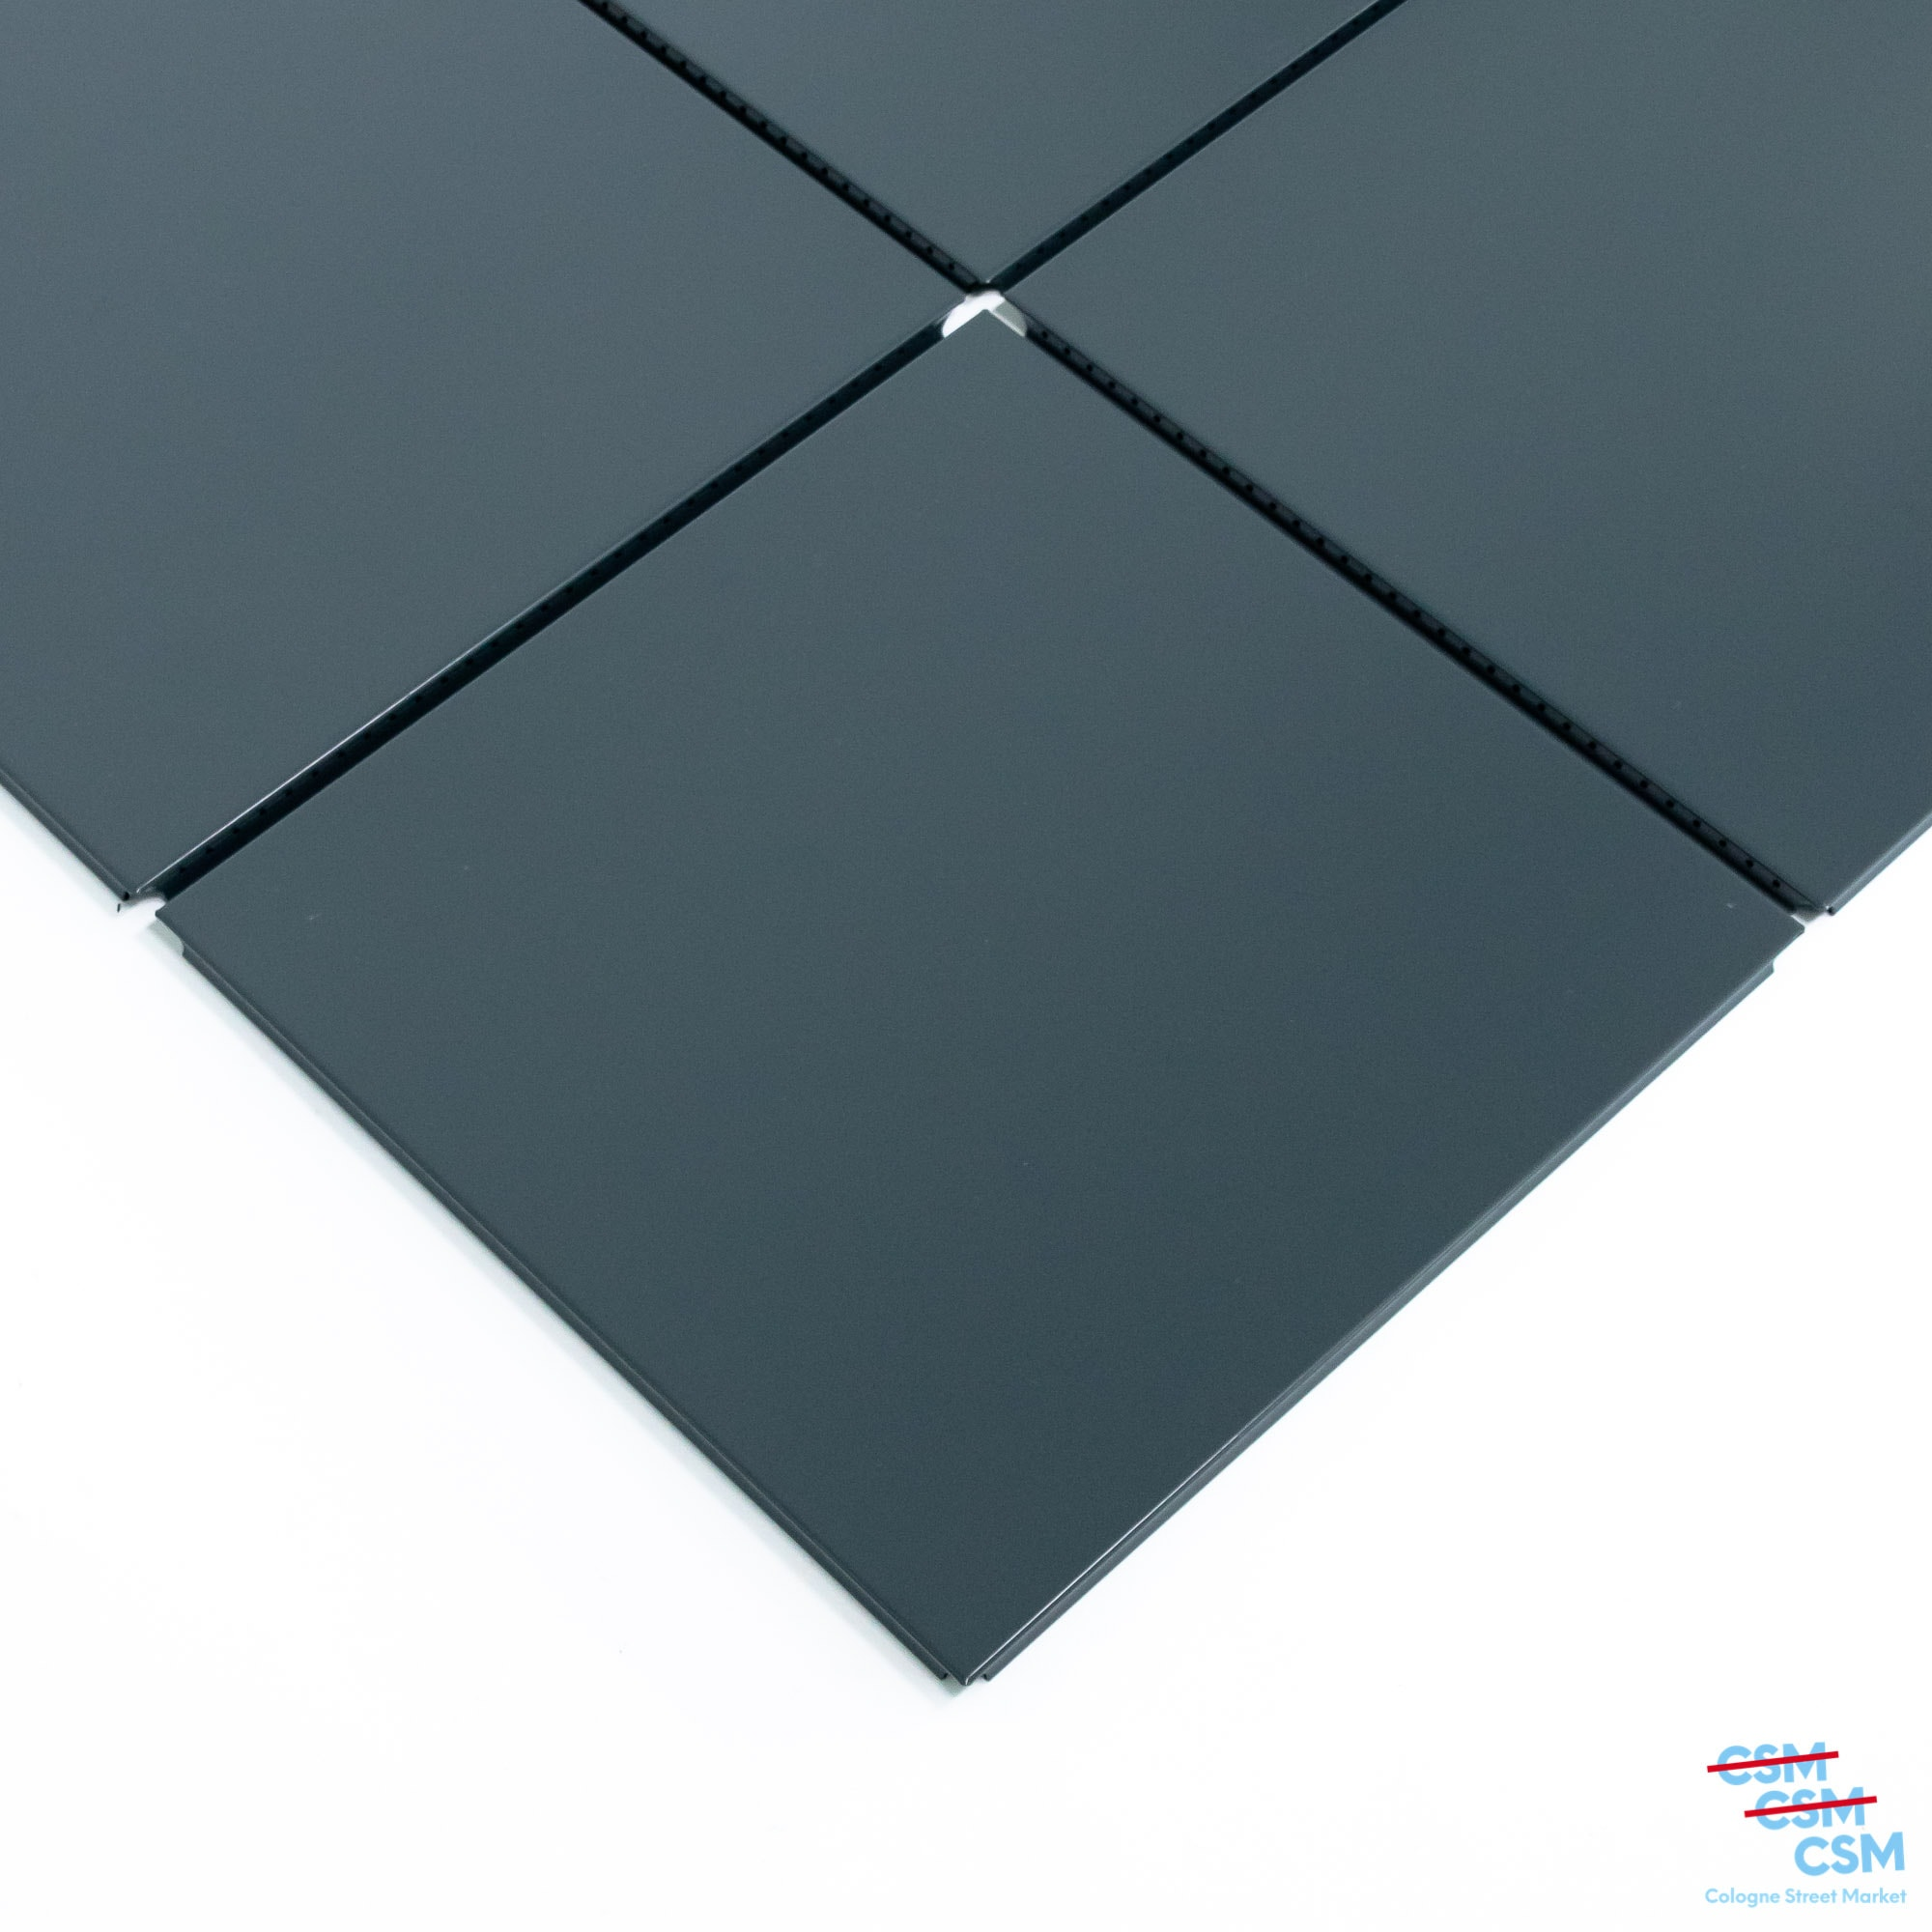 4er-Paket-USM-Haller-Tablar-35×35-Anthrazit-RAL-7016-gebraucht-kaufen